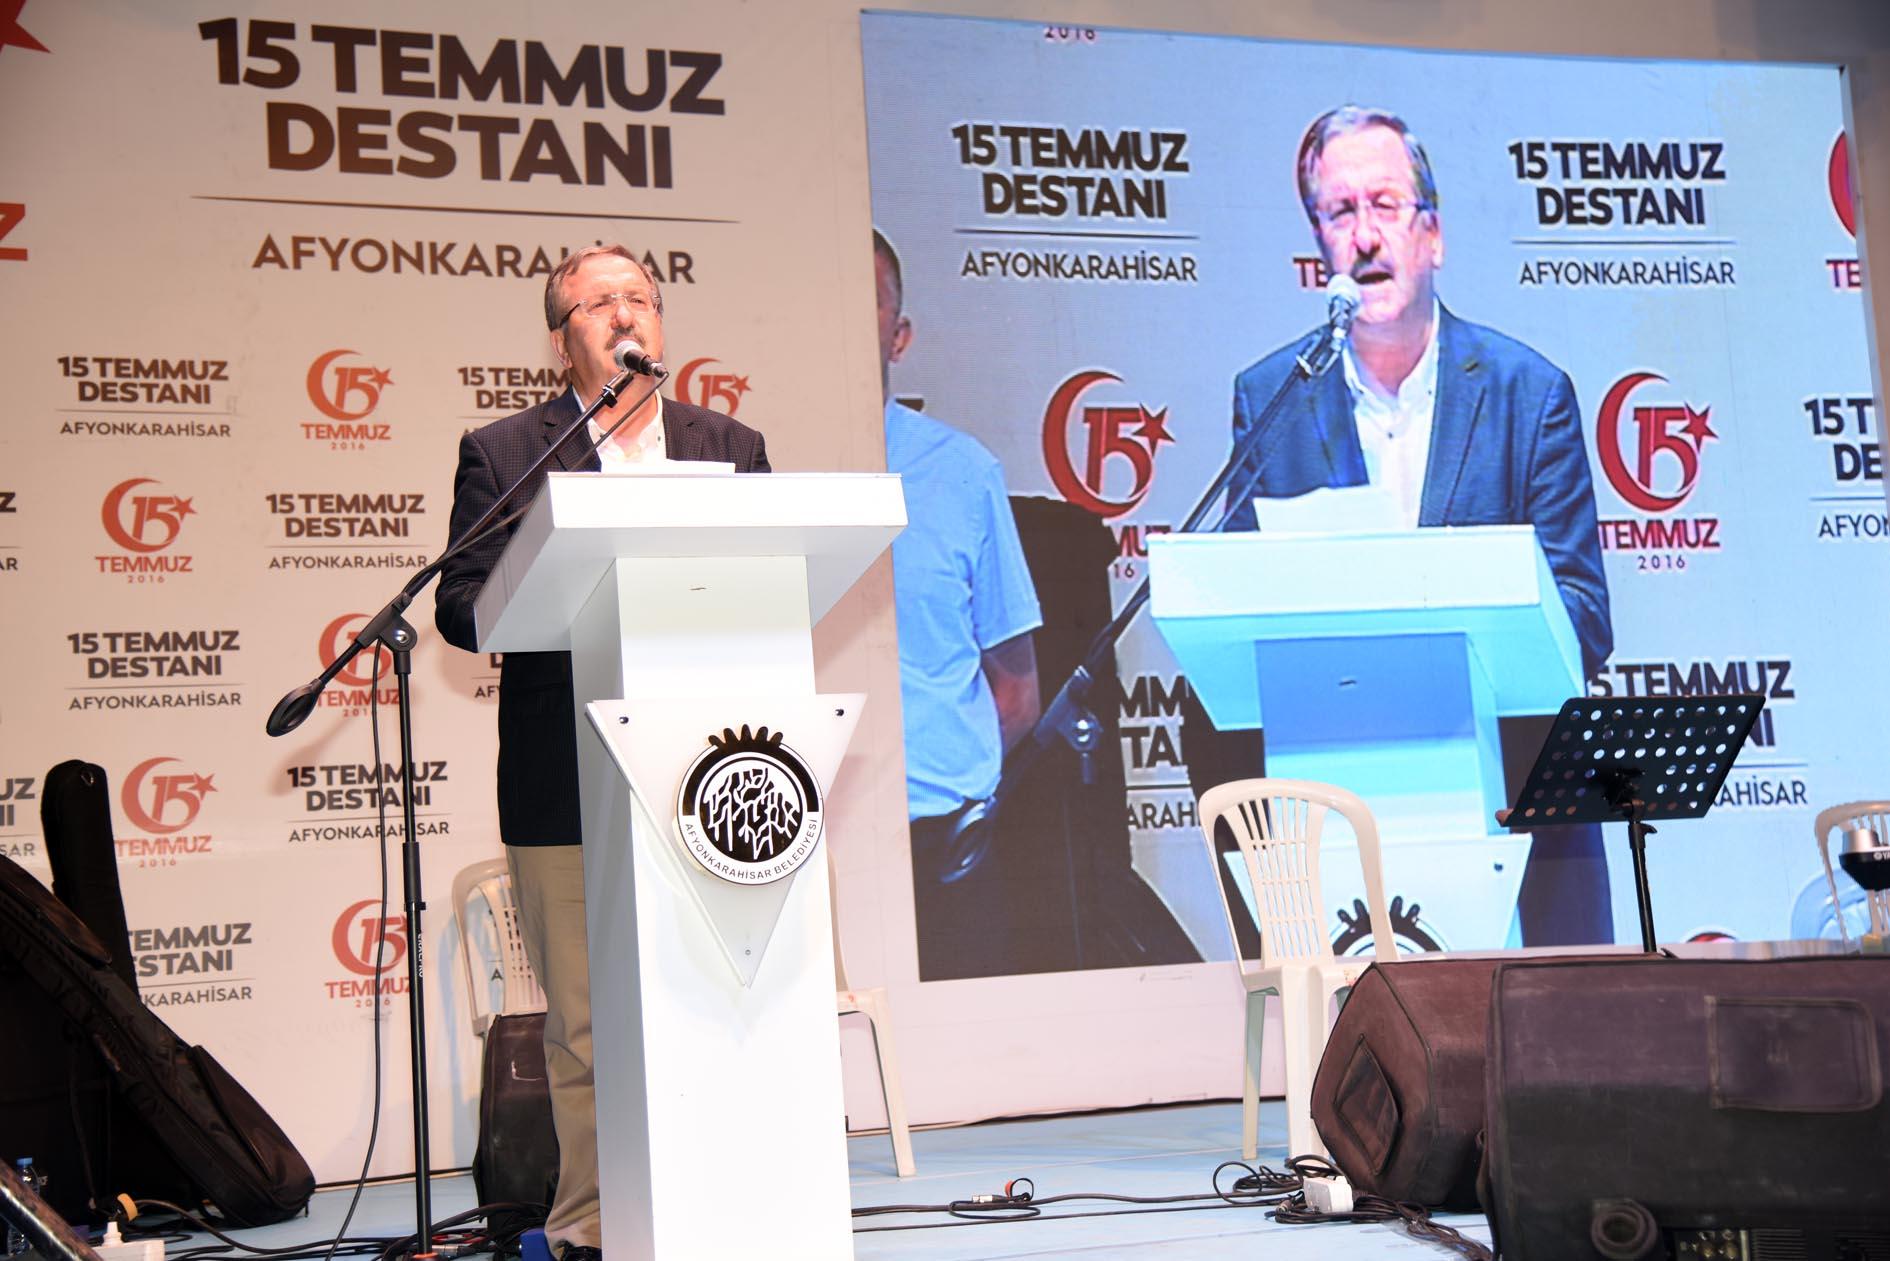 deklare etmek türkçe anlamı